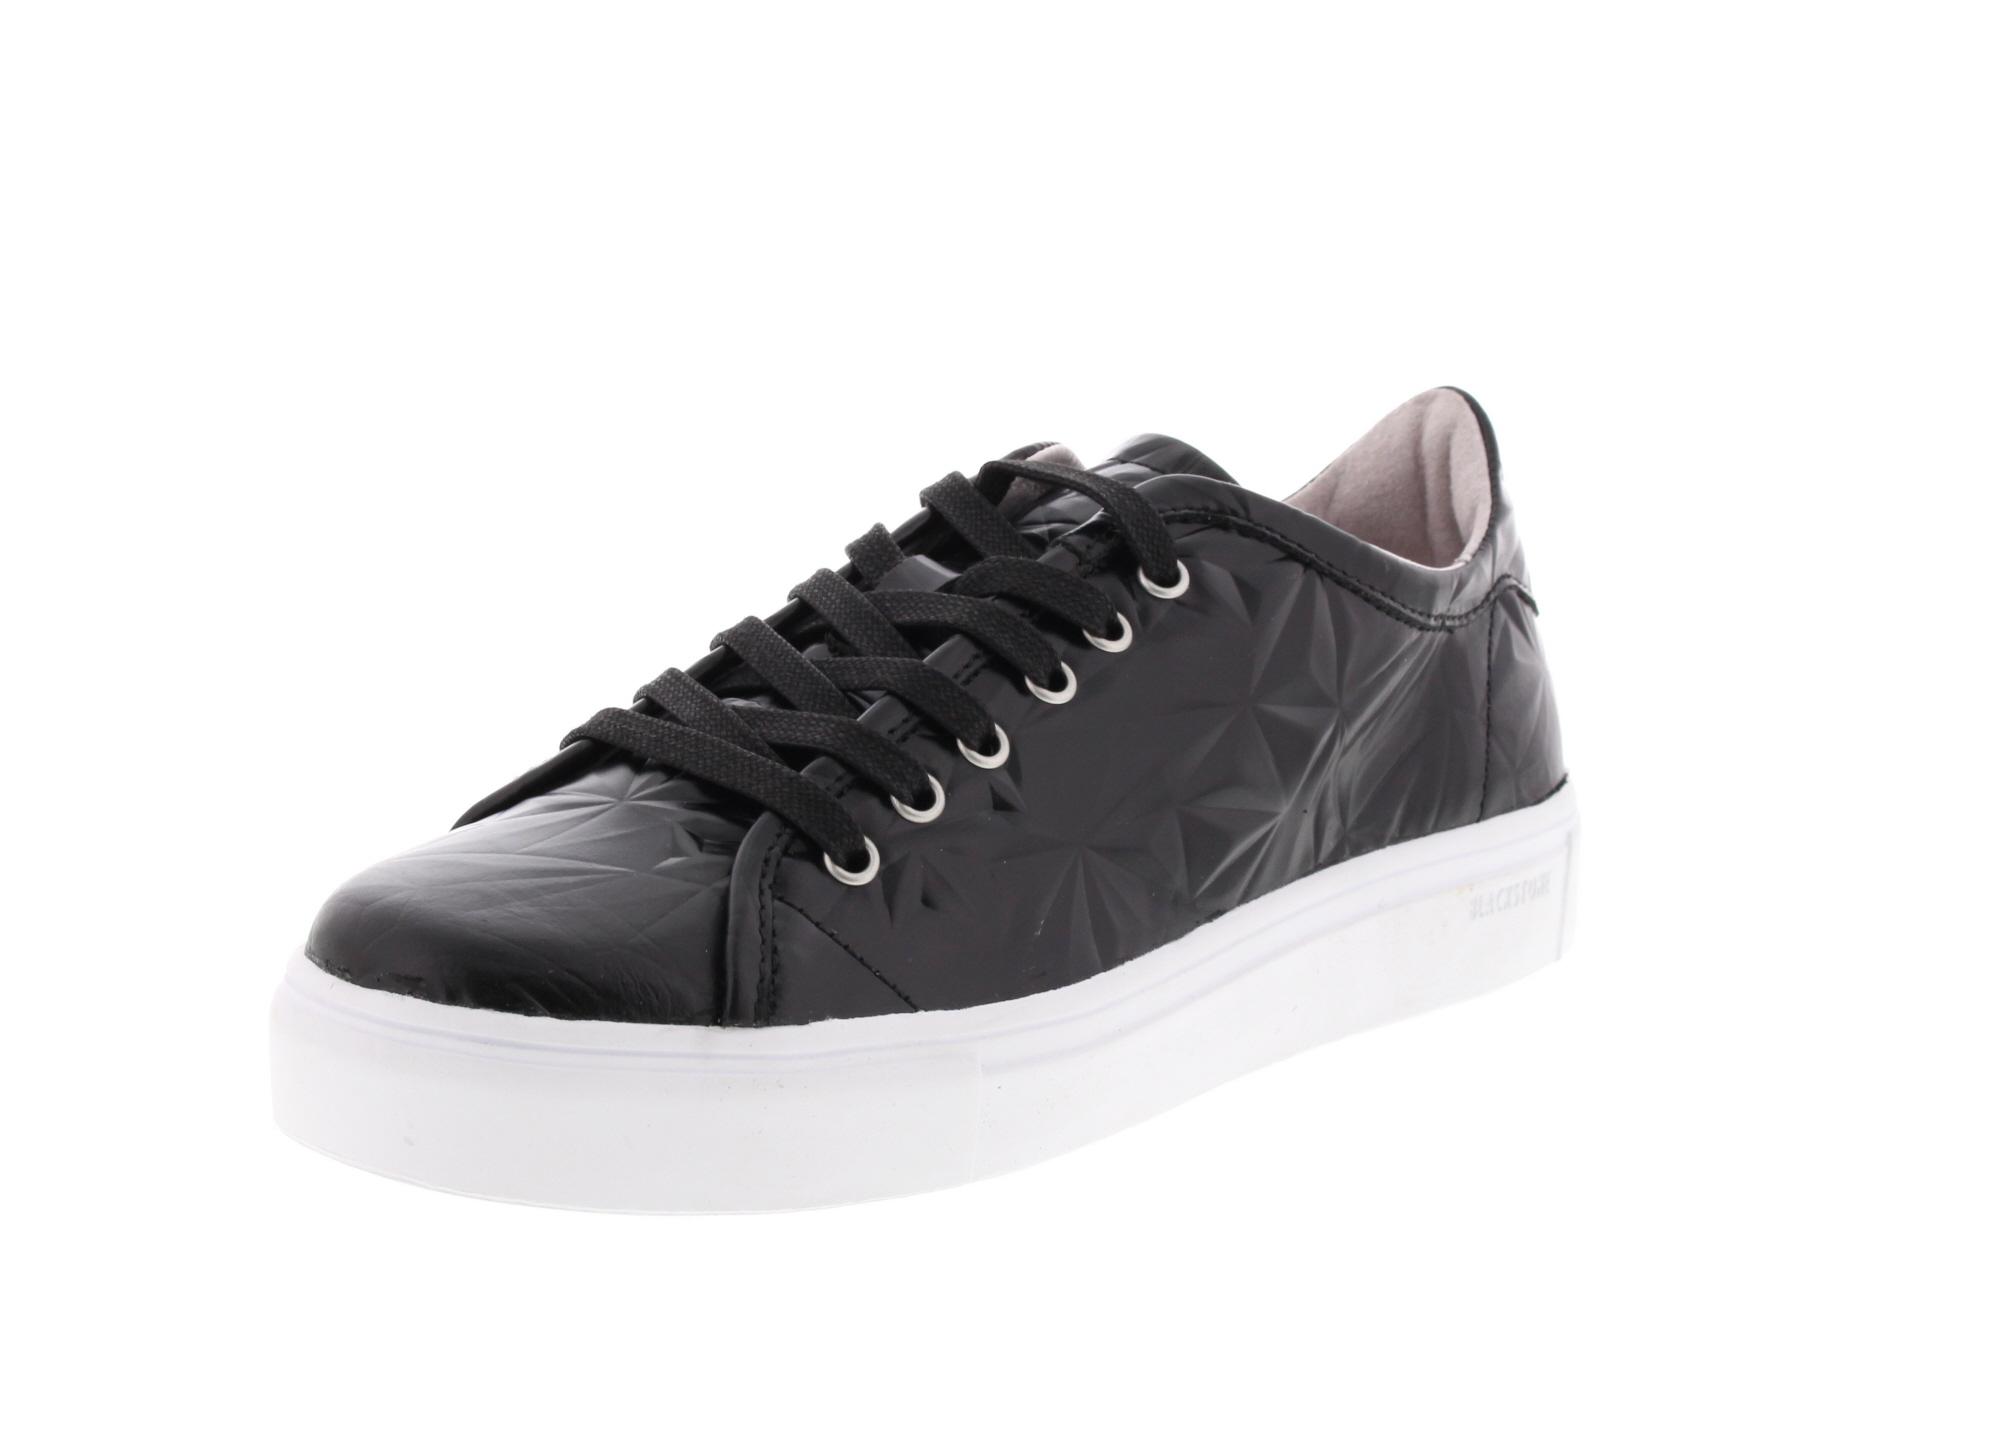 BLACKSTONE Damenschuhe - Sneaker NL34 - black -0